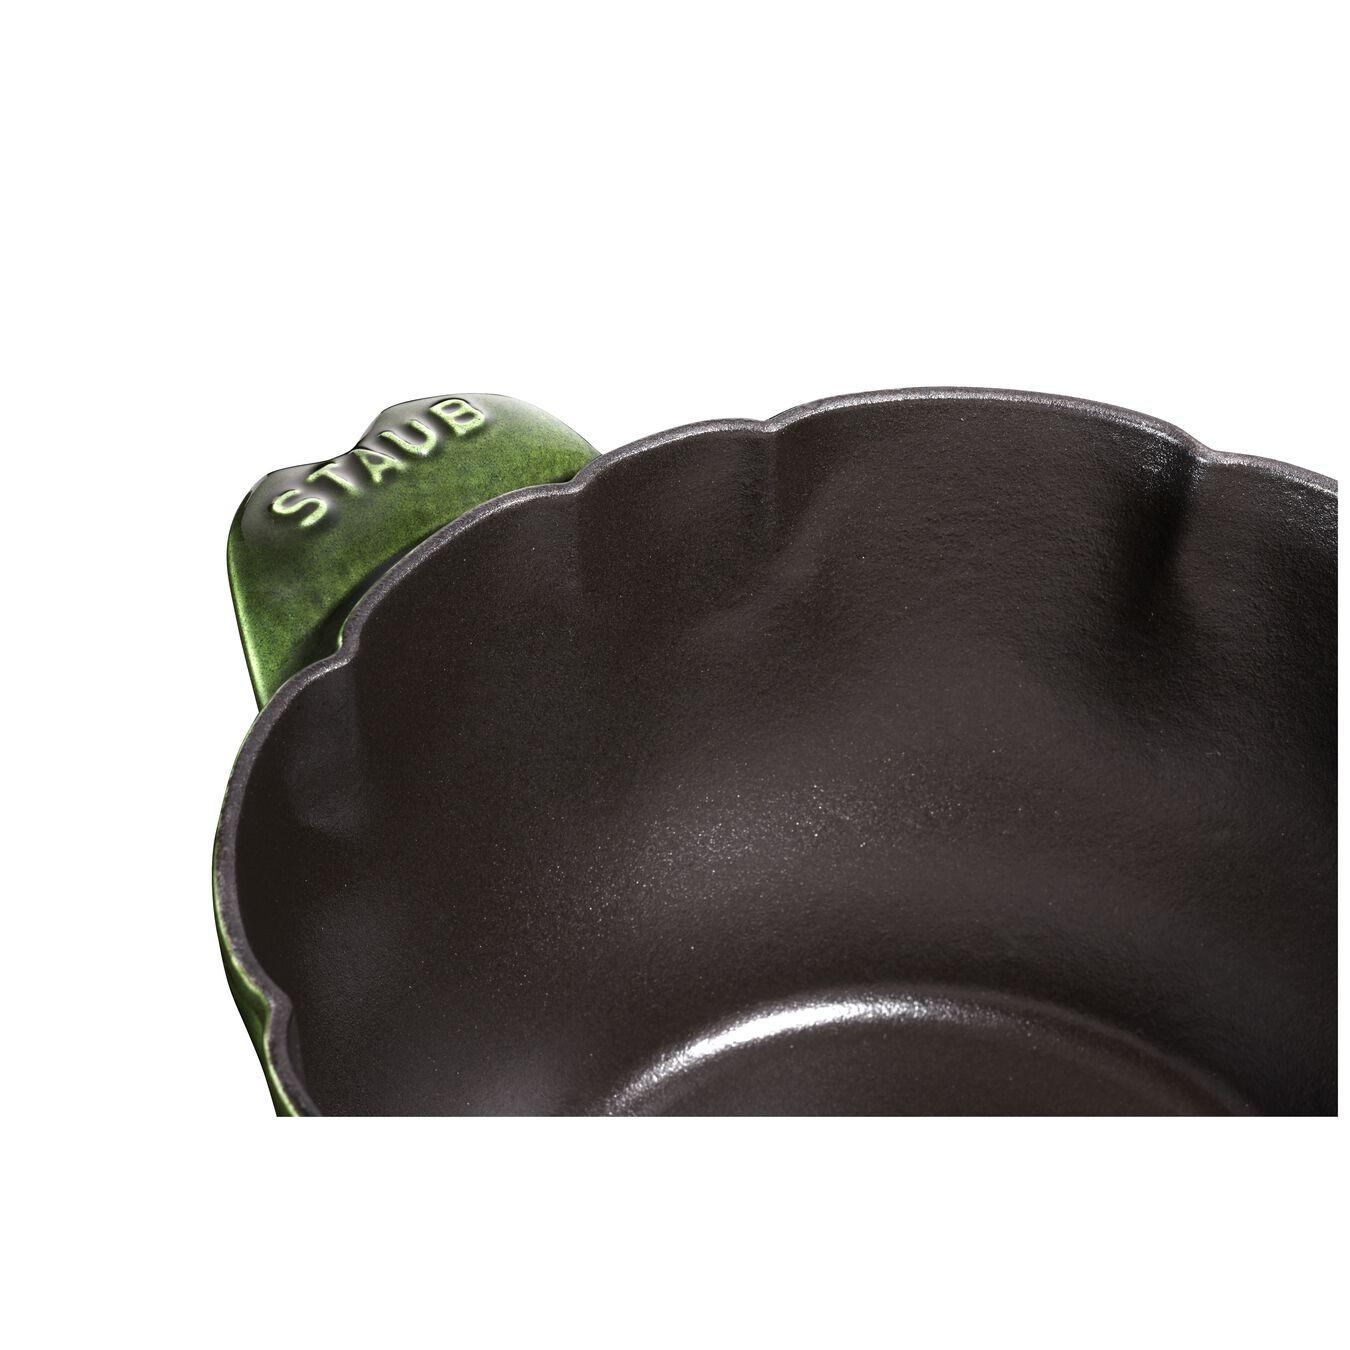 3-qt Artichoke Cocotte - Basil,,large 3